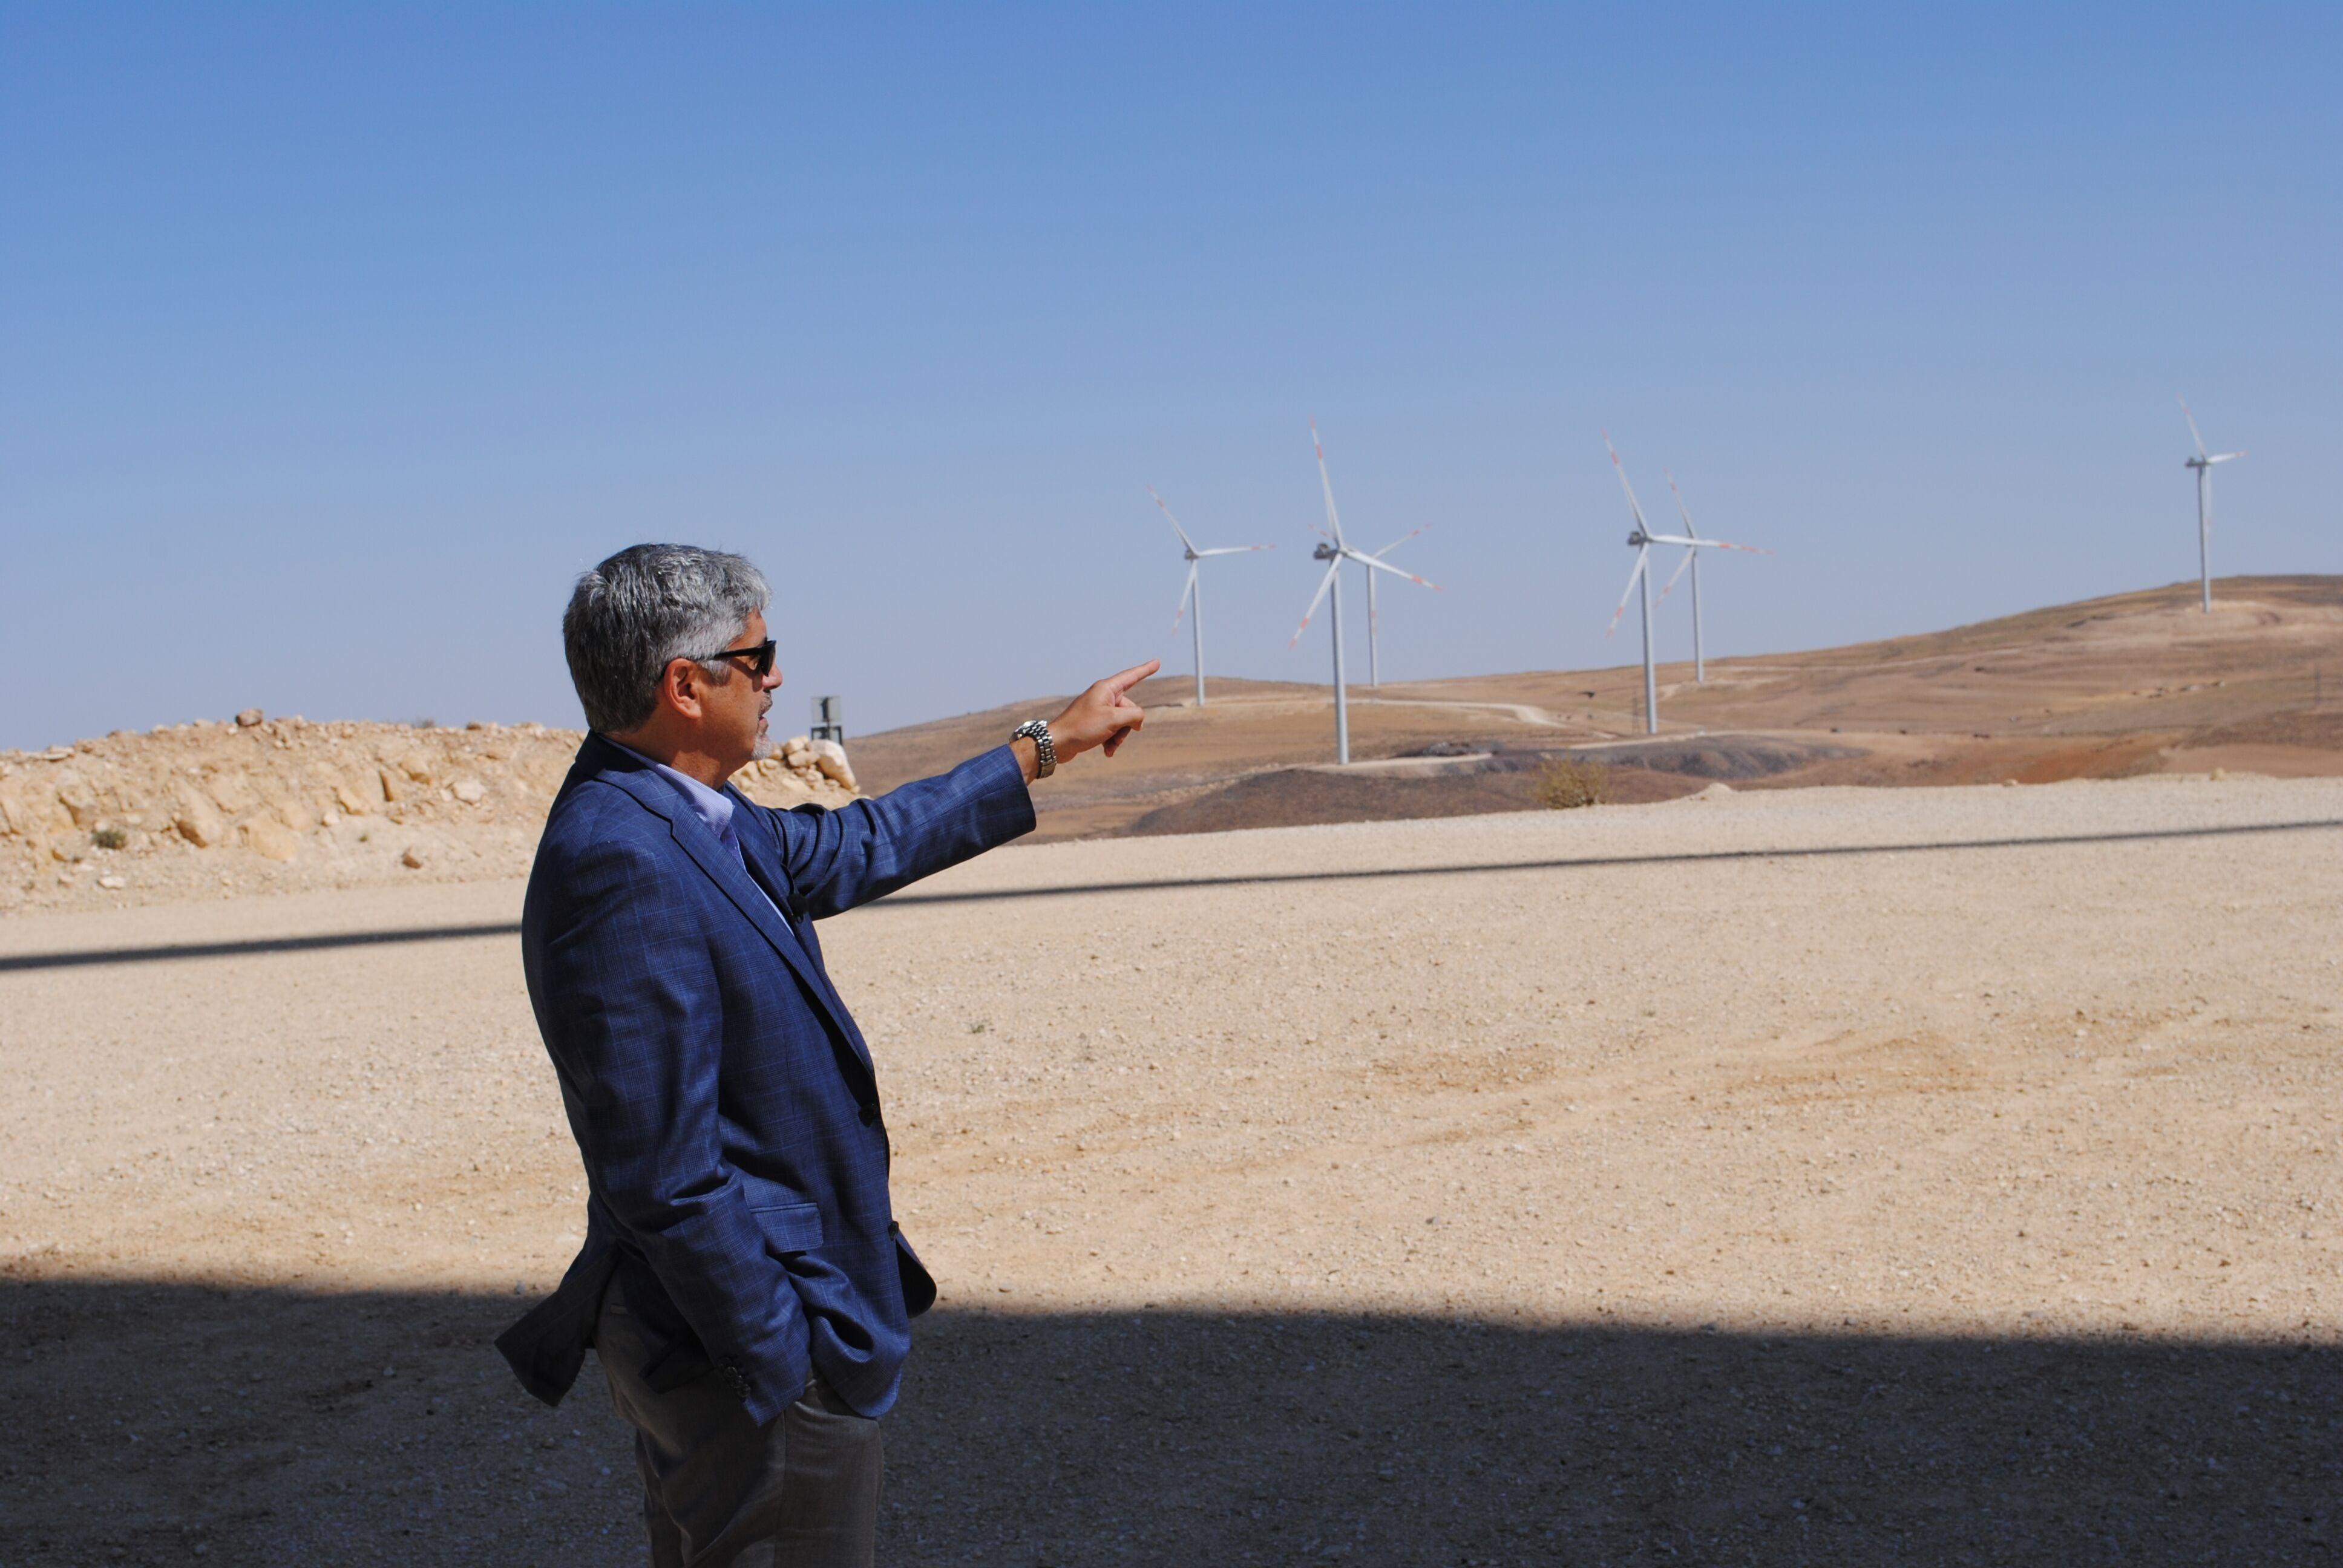 Samer Judeh at wind farm